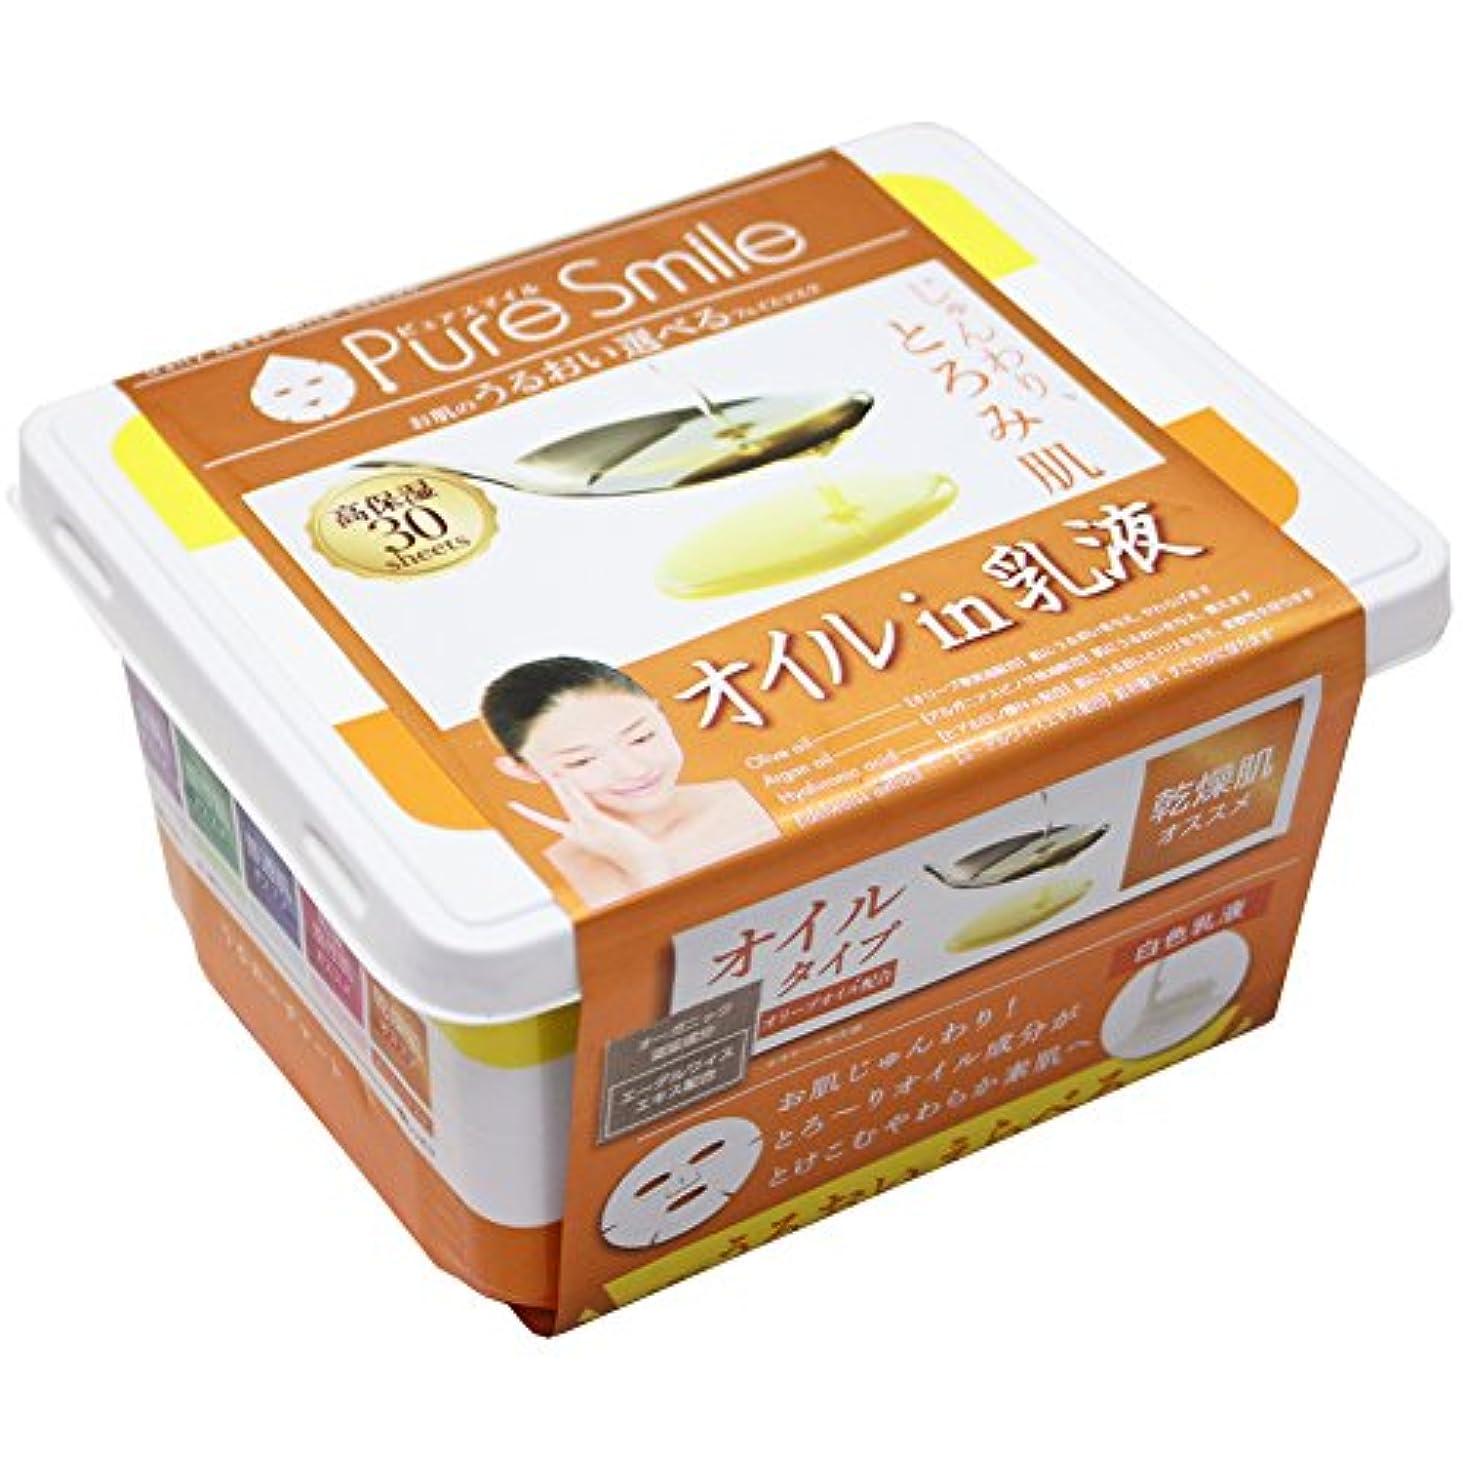 免除する計画インテリアPureSmile(ピュアスマイル) フェイスパック エッセンスマスク 30枚セット オイルin乳液?3S05